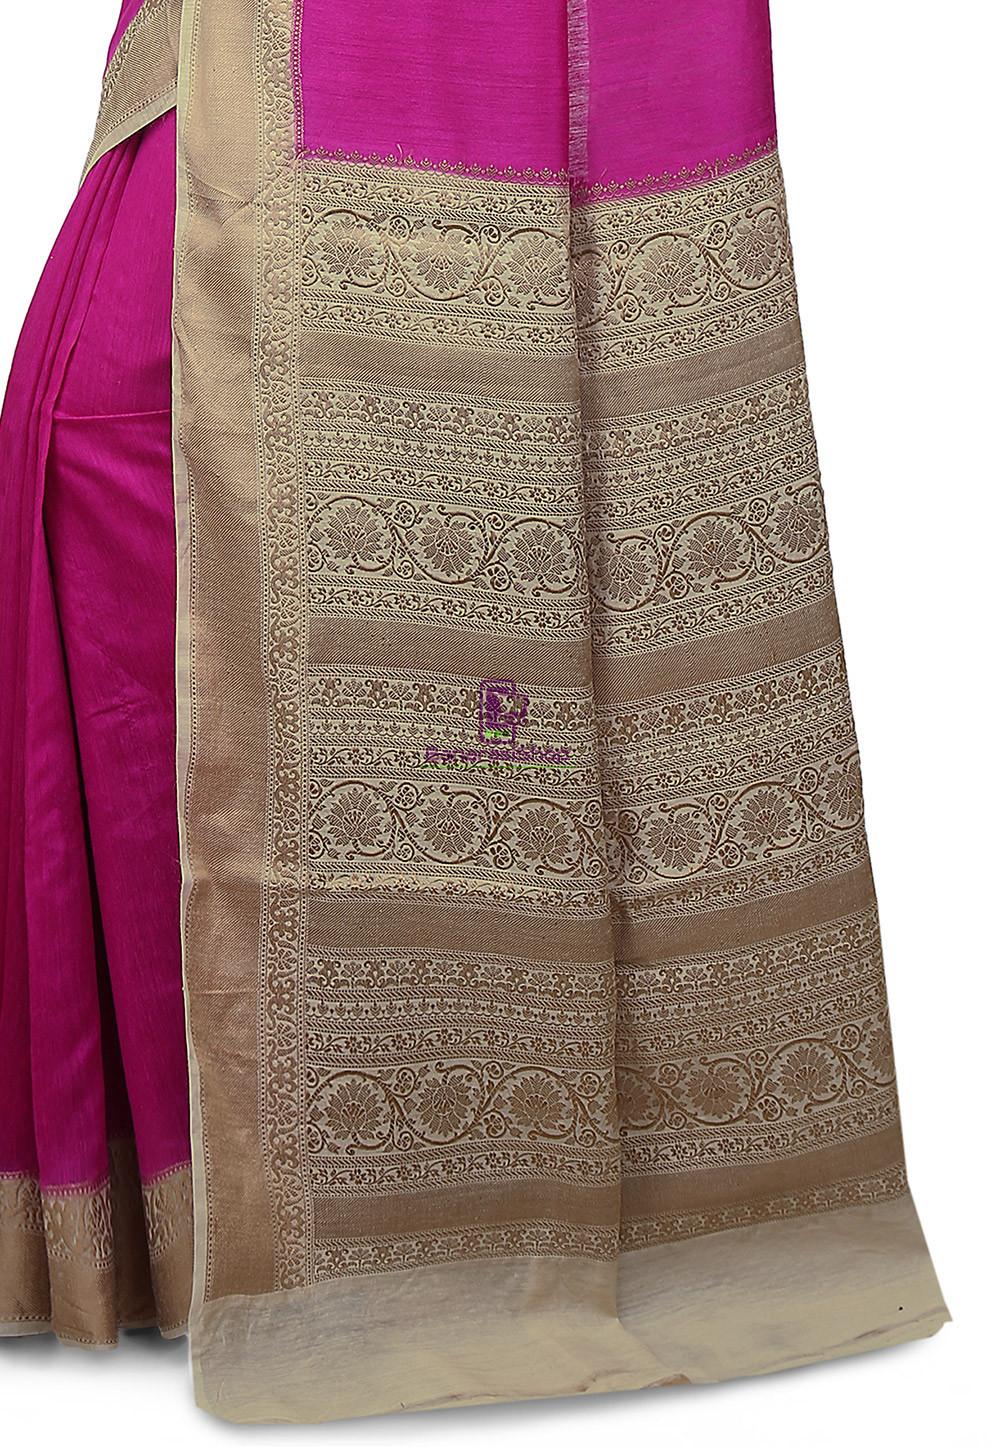 Pure Banarasi Muga Silk Handloom Saree in Fuchsia 3